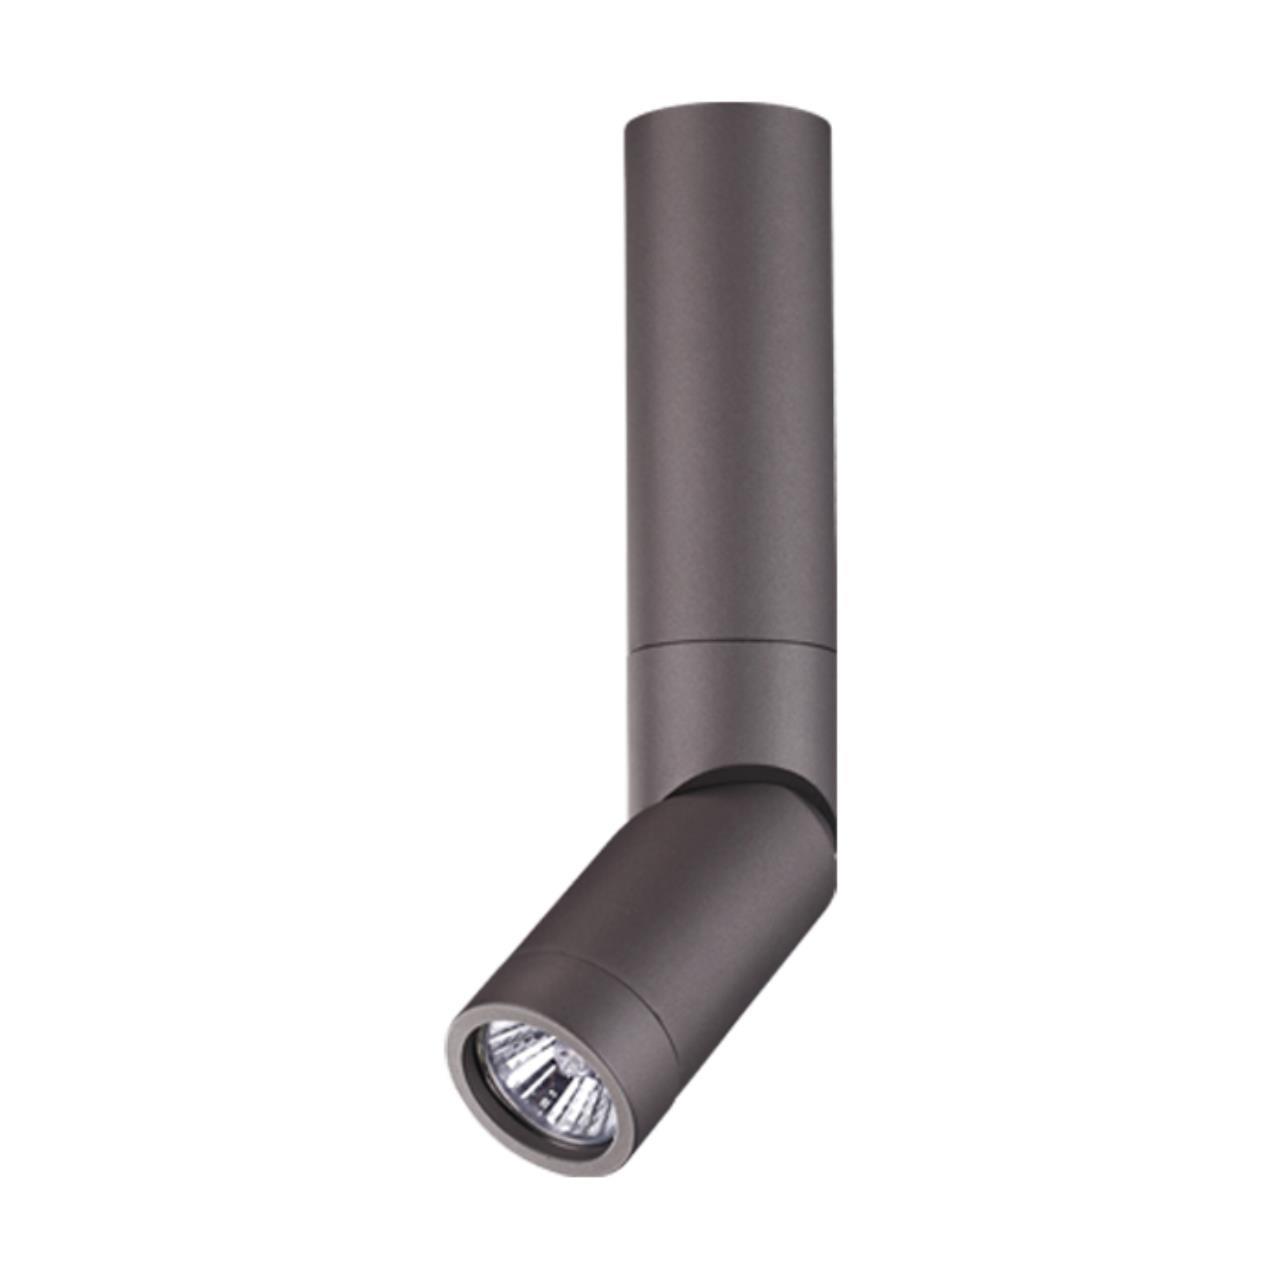 370592 OVER NT19 097 серебристый черный Накладной светильник IP20 GU10 50W 220-240V ELITE